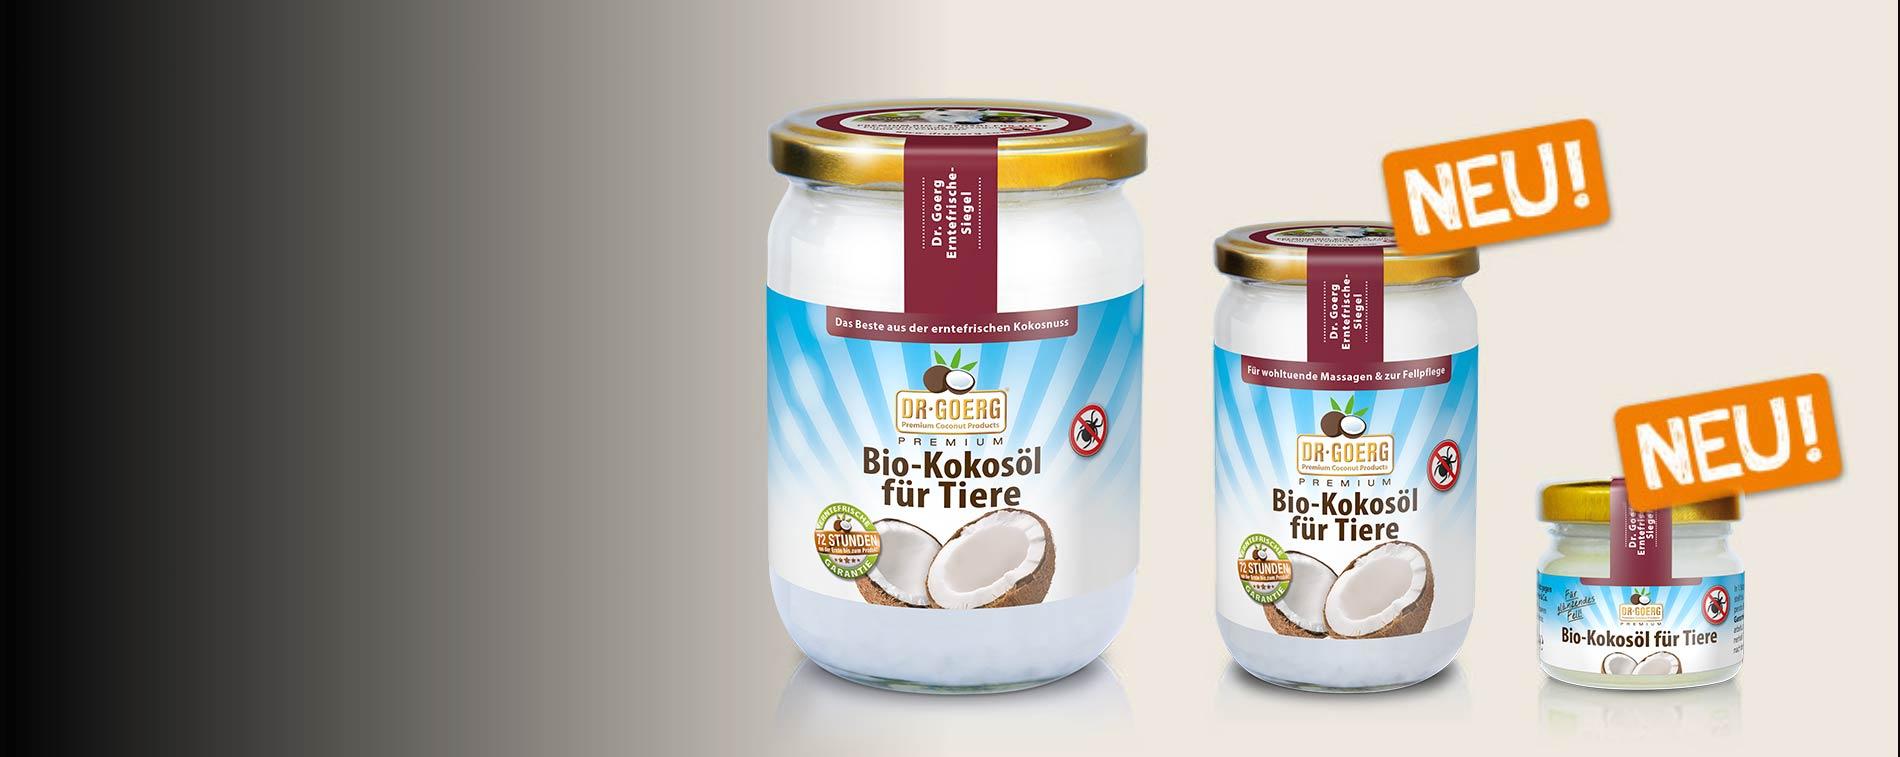 Premium Bio-Kokosöl für Tiere